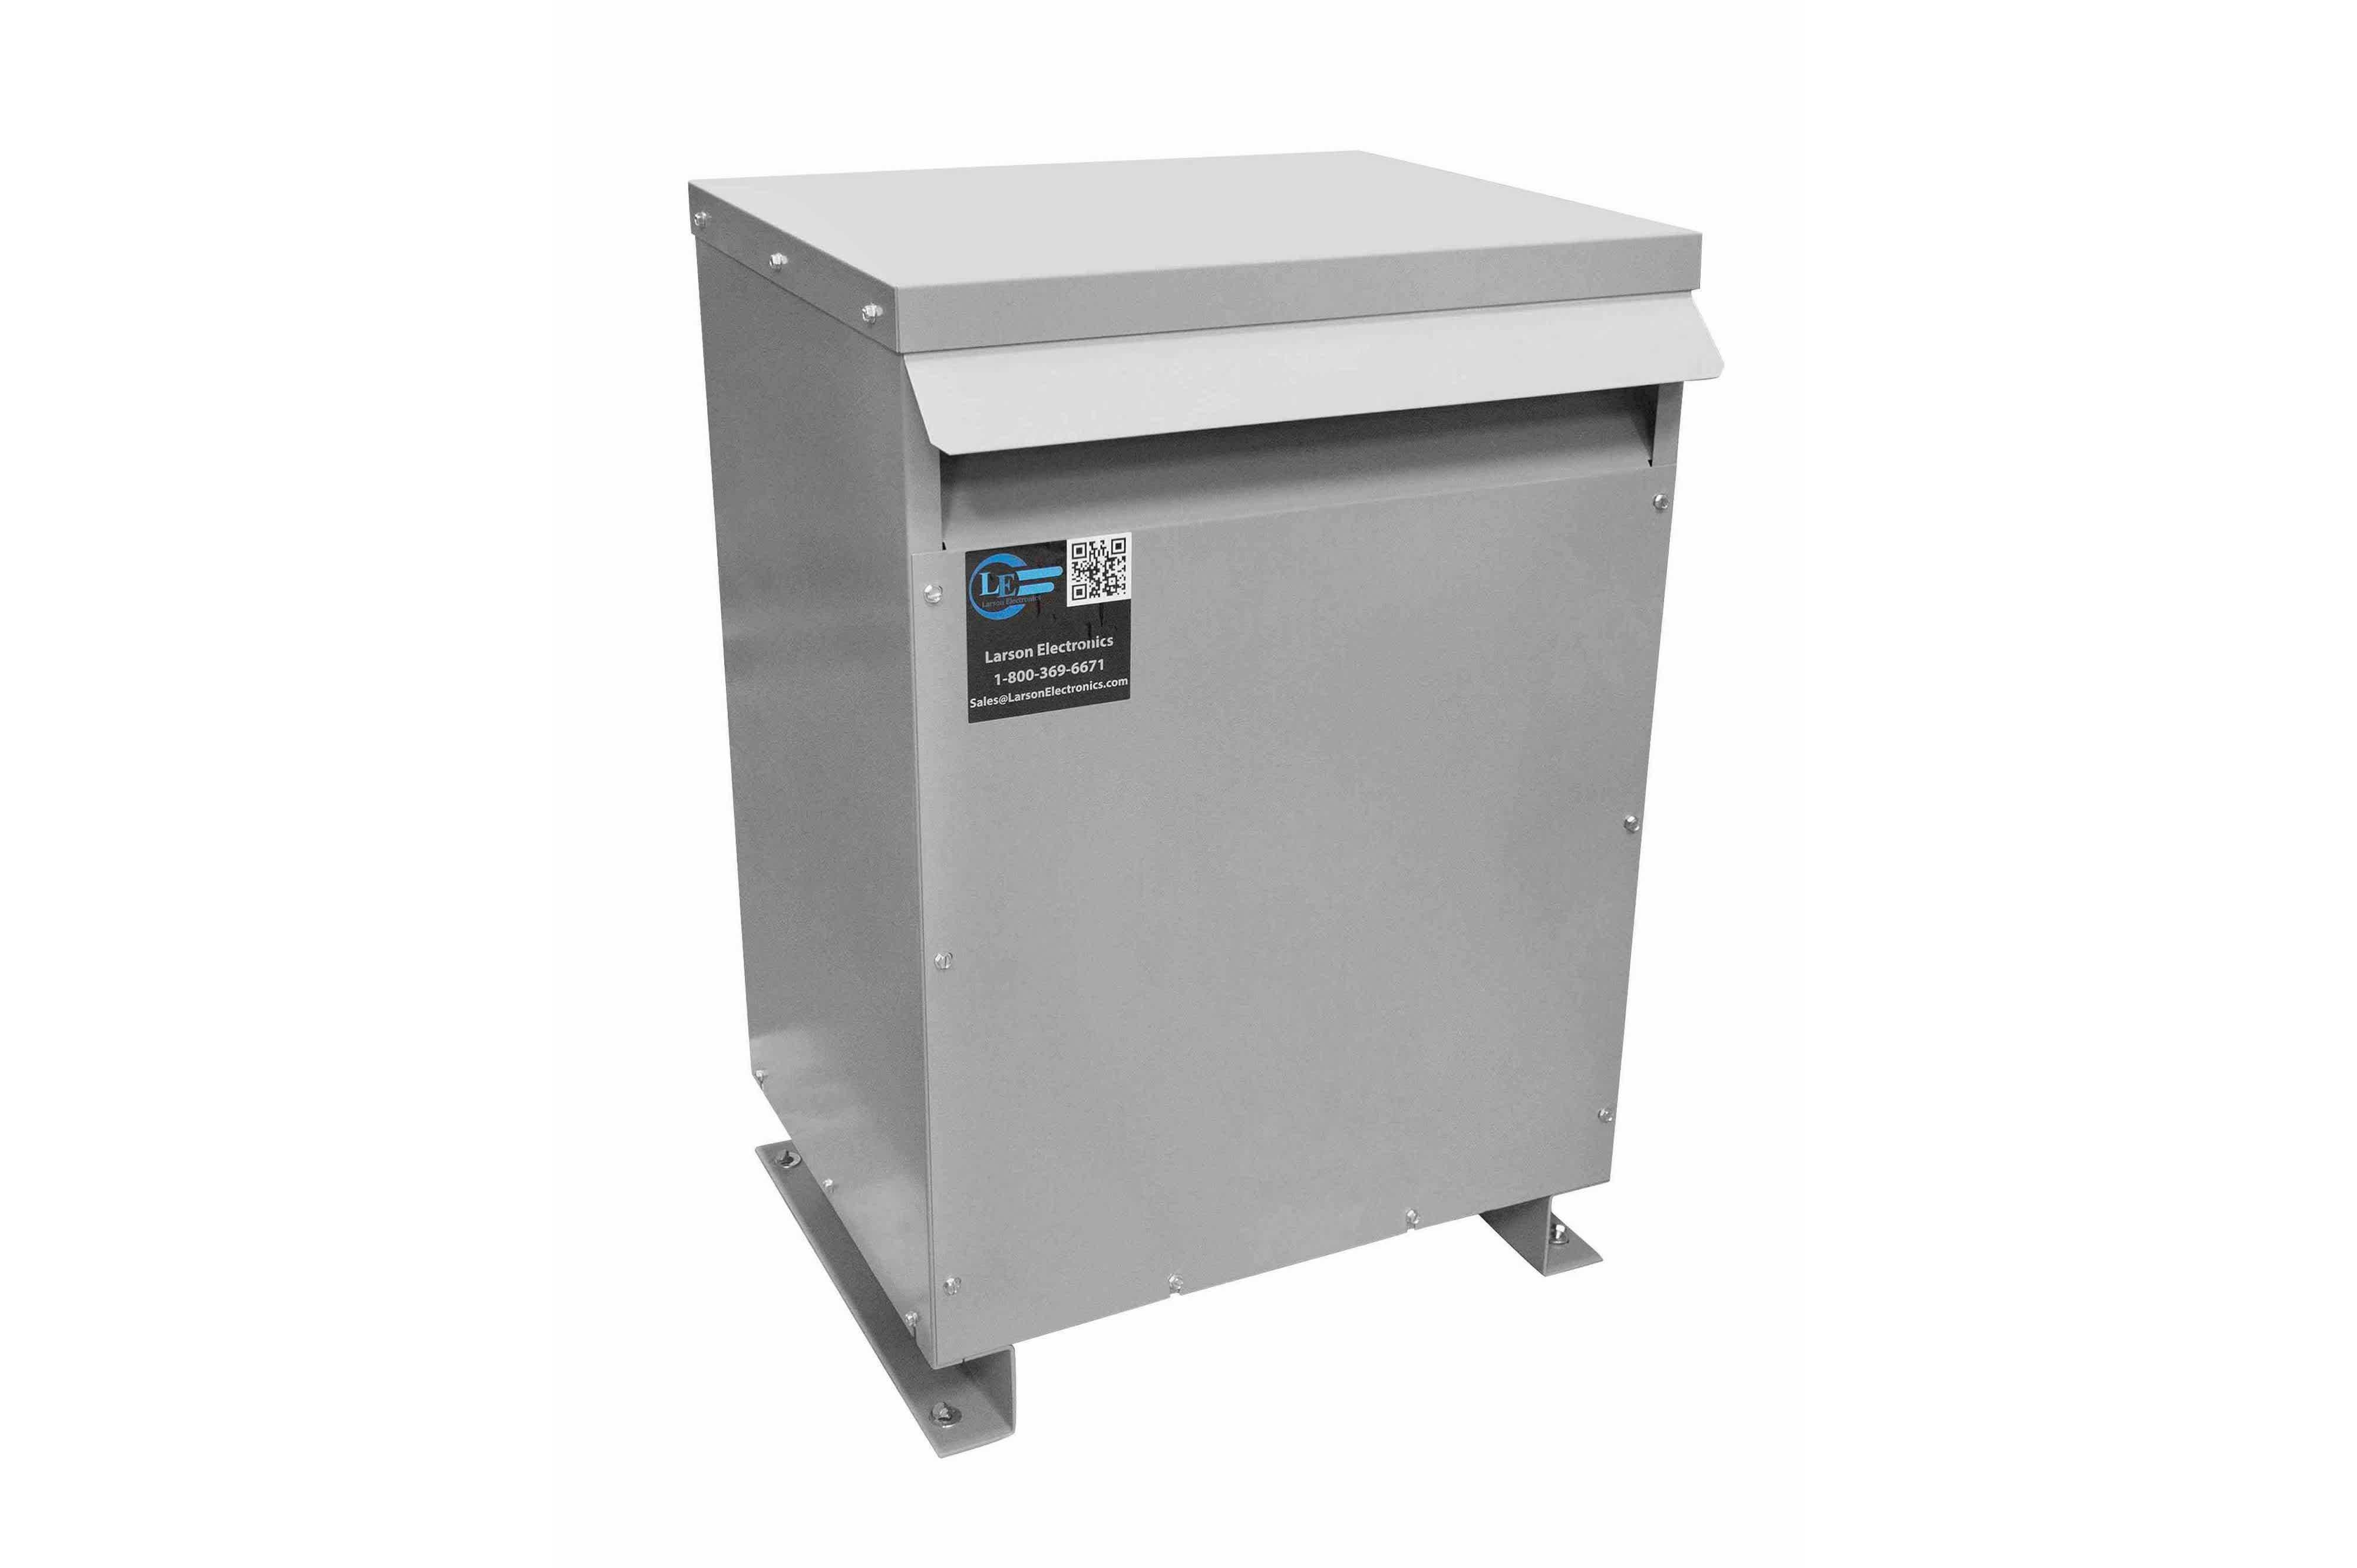 700 kVA 3PH Isolation Transformer, 575V Delta Primary, 480V Delta Secondary, N3R, Ventilated, 60 Hz